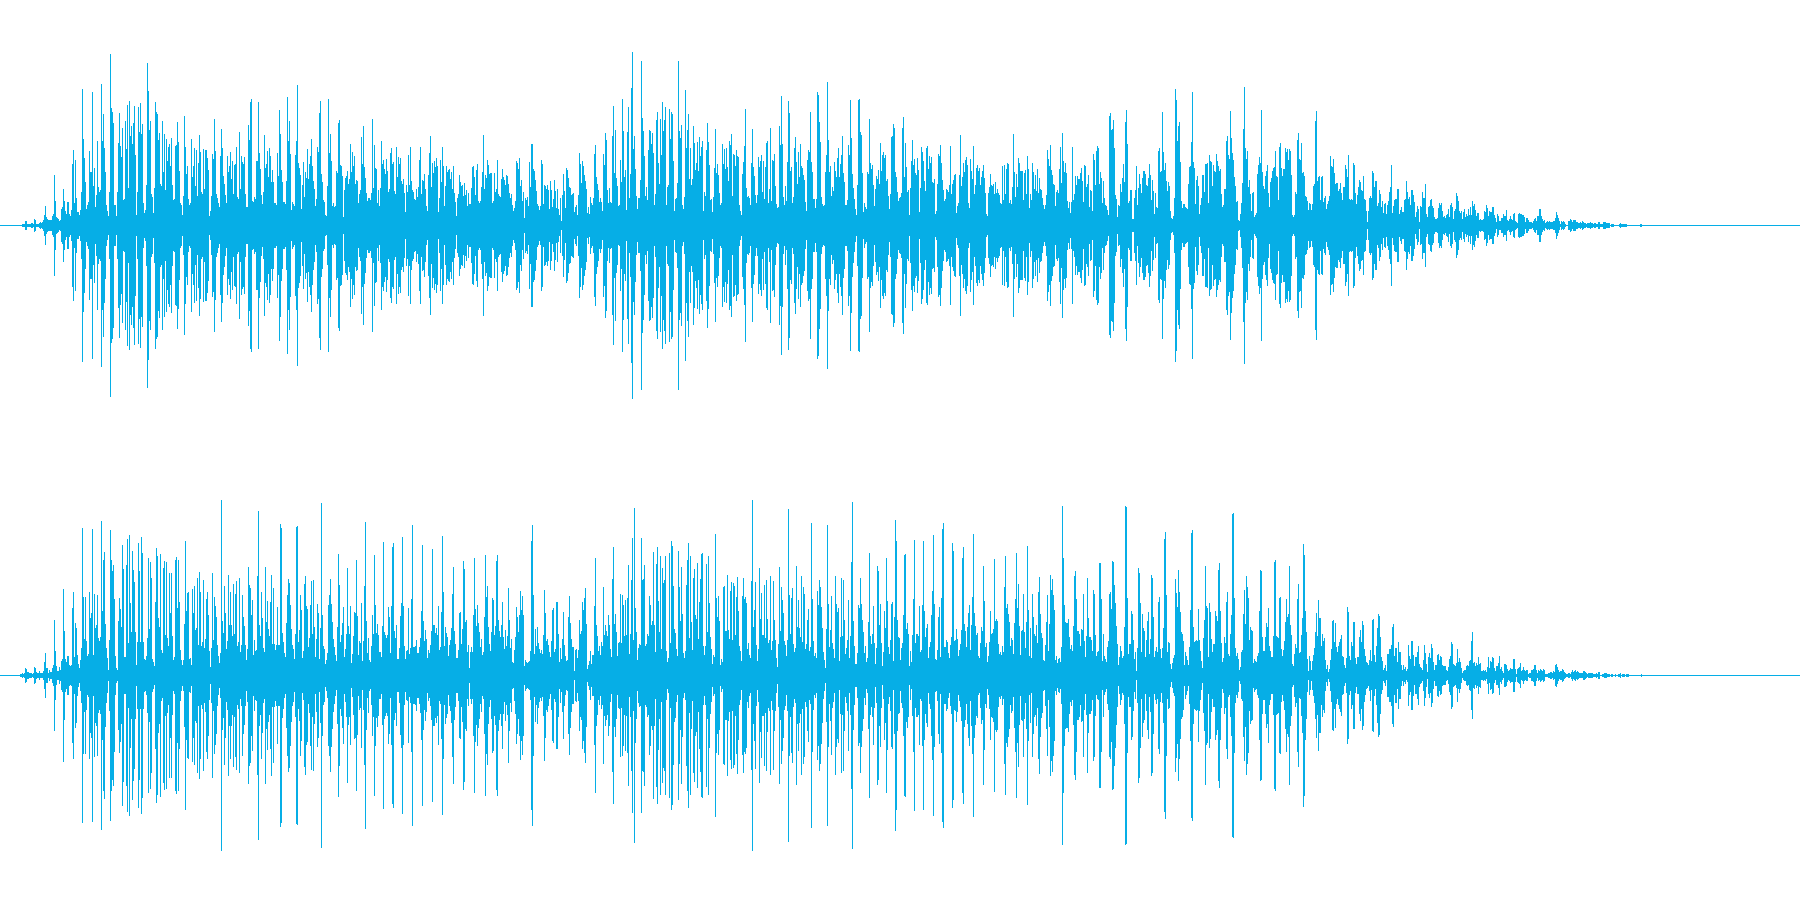 びょうびょう(間の抜けてる脇役のキャラ)の再生済みの波形